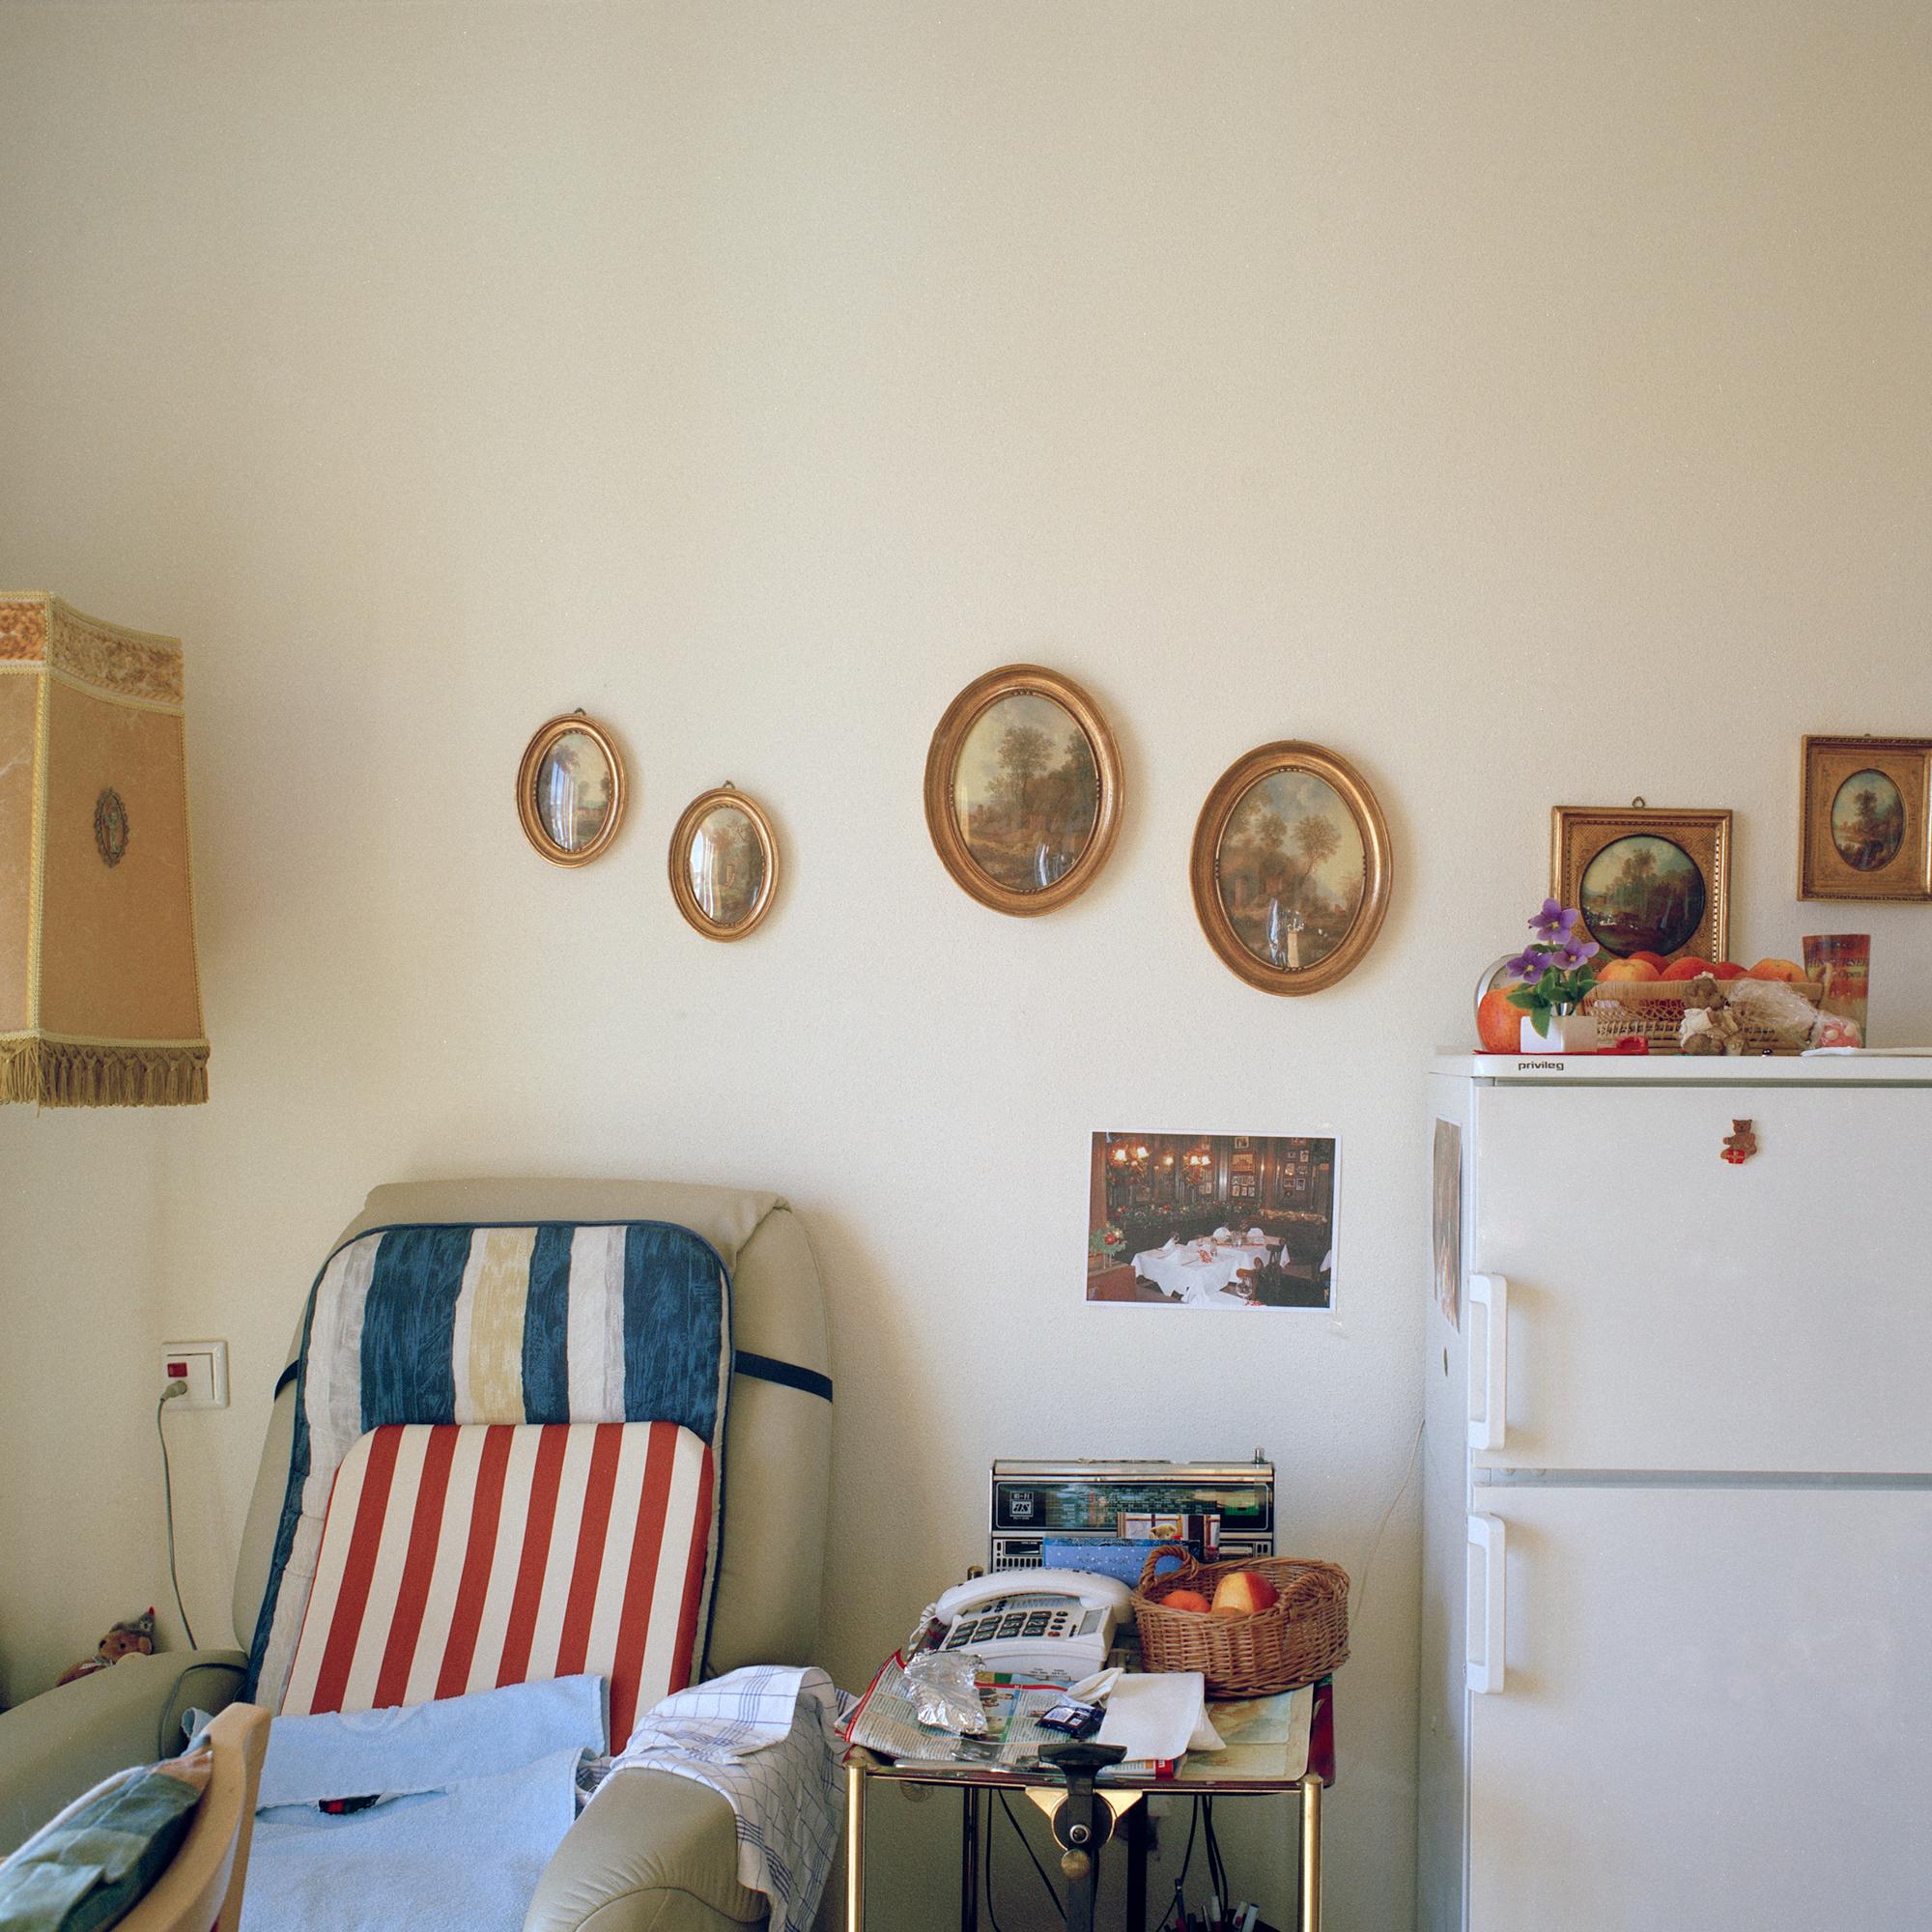 Luise-Kiesselbach-Haus (Kuratorium Wohnen im Alter) , Muenchen. Wohnraum von Bewohnerin in der Einrichtung Luise-Kiesselbach in der Graf Lehndorf Strasse 24, Muenchen am 18. Januar 2011. Fotograf: Evi Lemberger